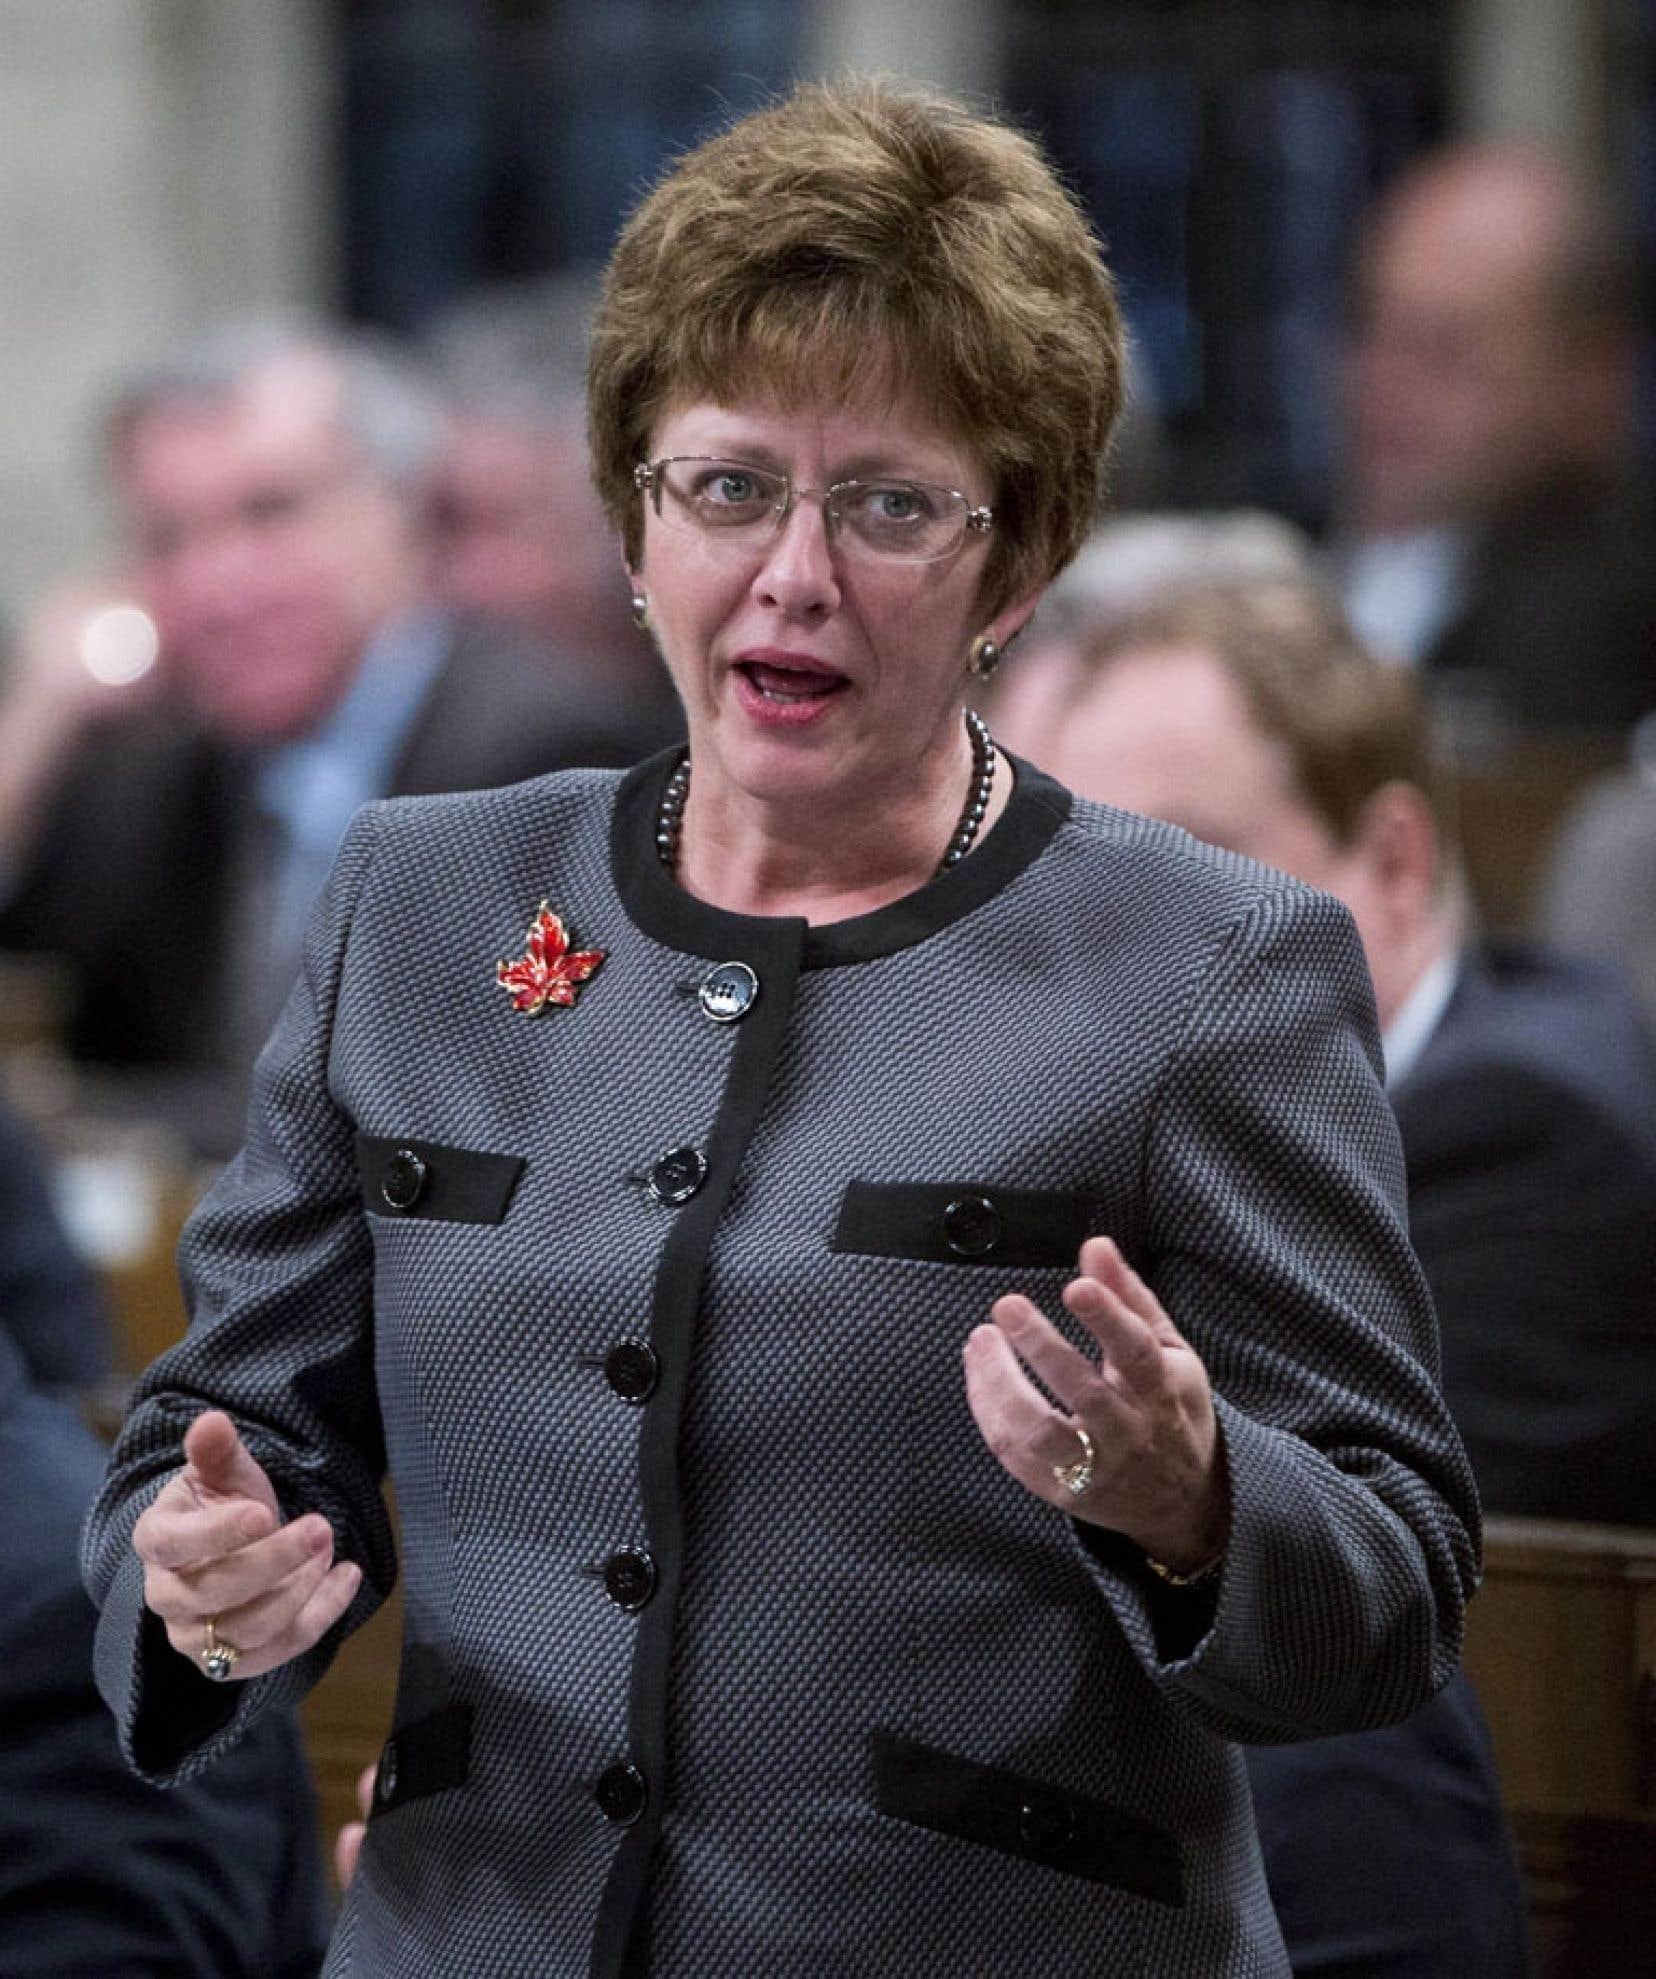 La ministre fédérale des Ressources humaines, Diane Finley à la Chambre des communes mercredi